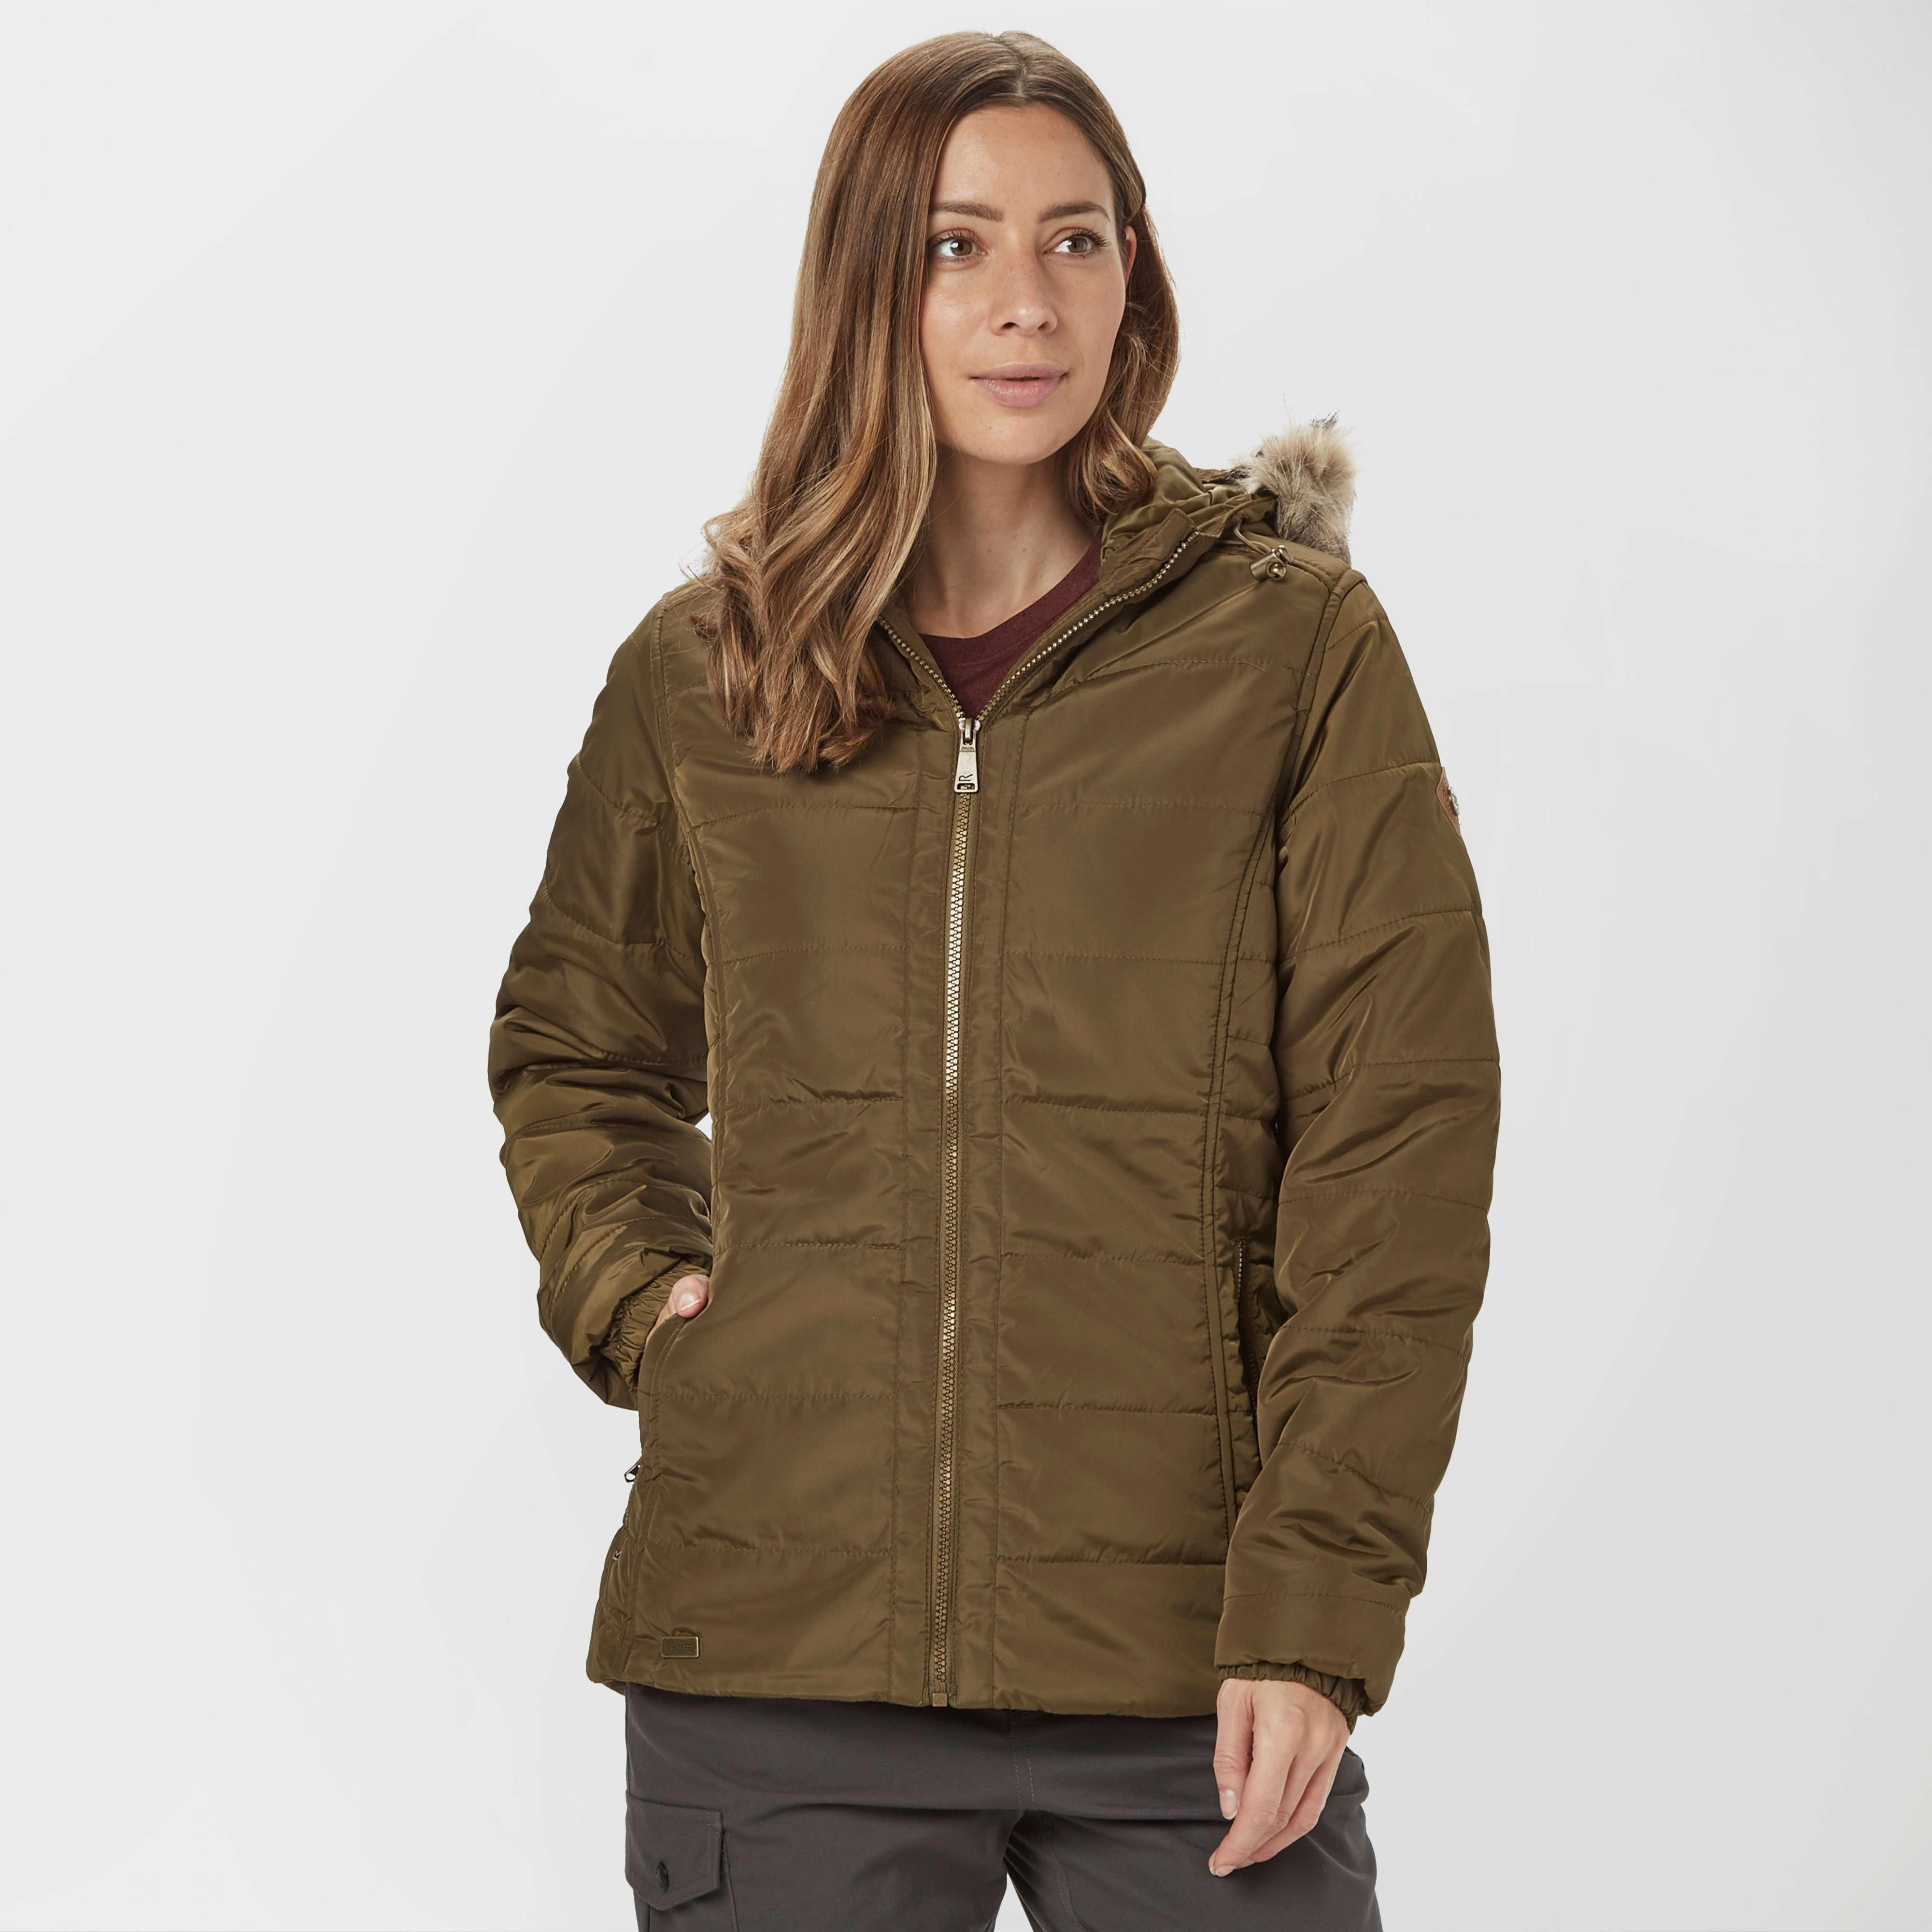 REGATTA Women's Wynne Baffled Insulated Jacket